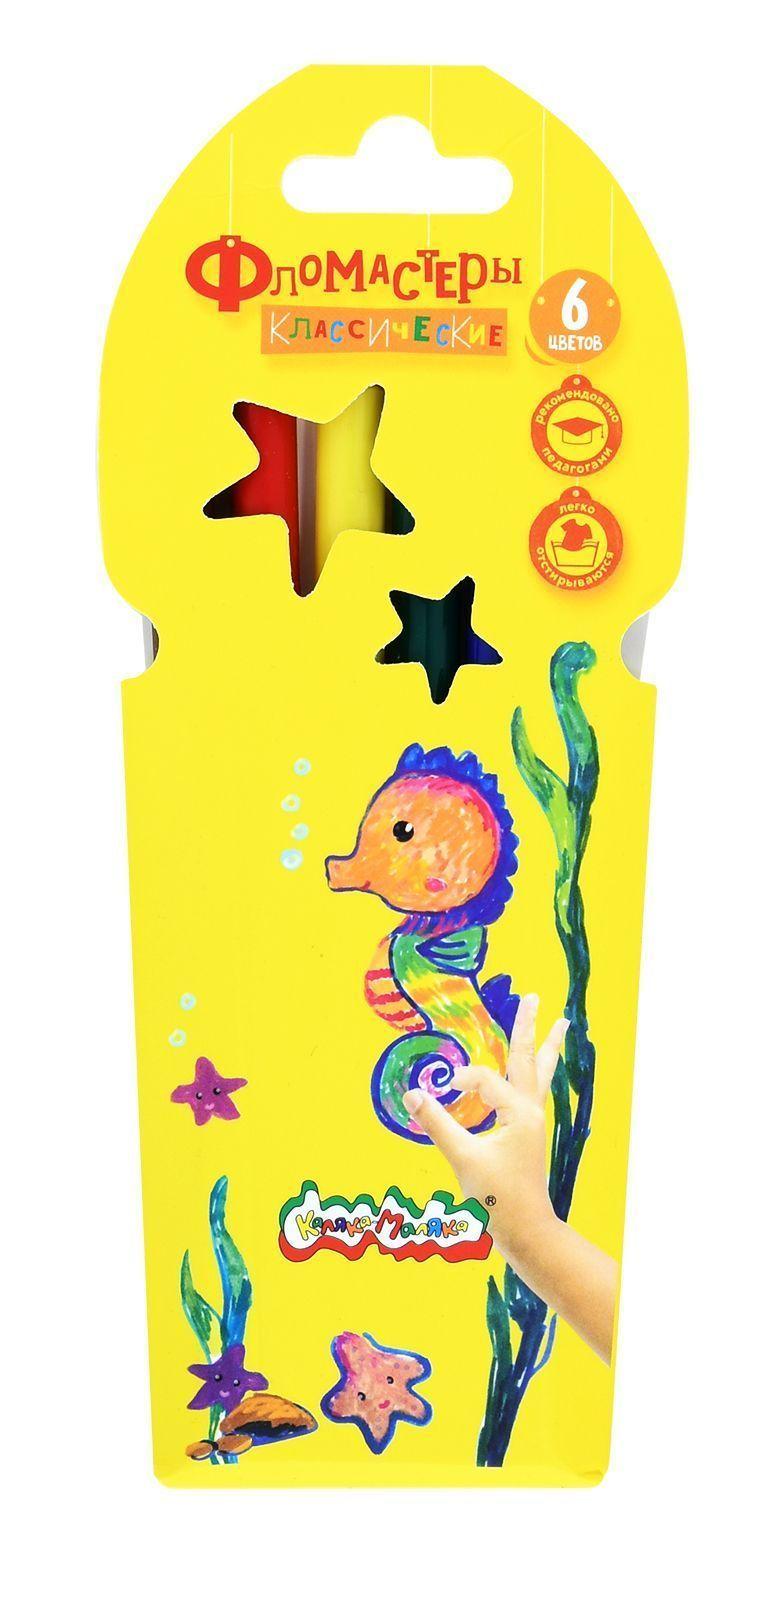 Фломастеры Каляка-Маляка 6 цветов, картонная упаковка. круглый корпус, классические